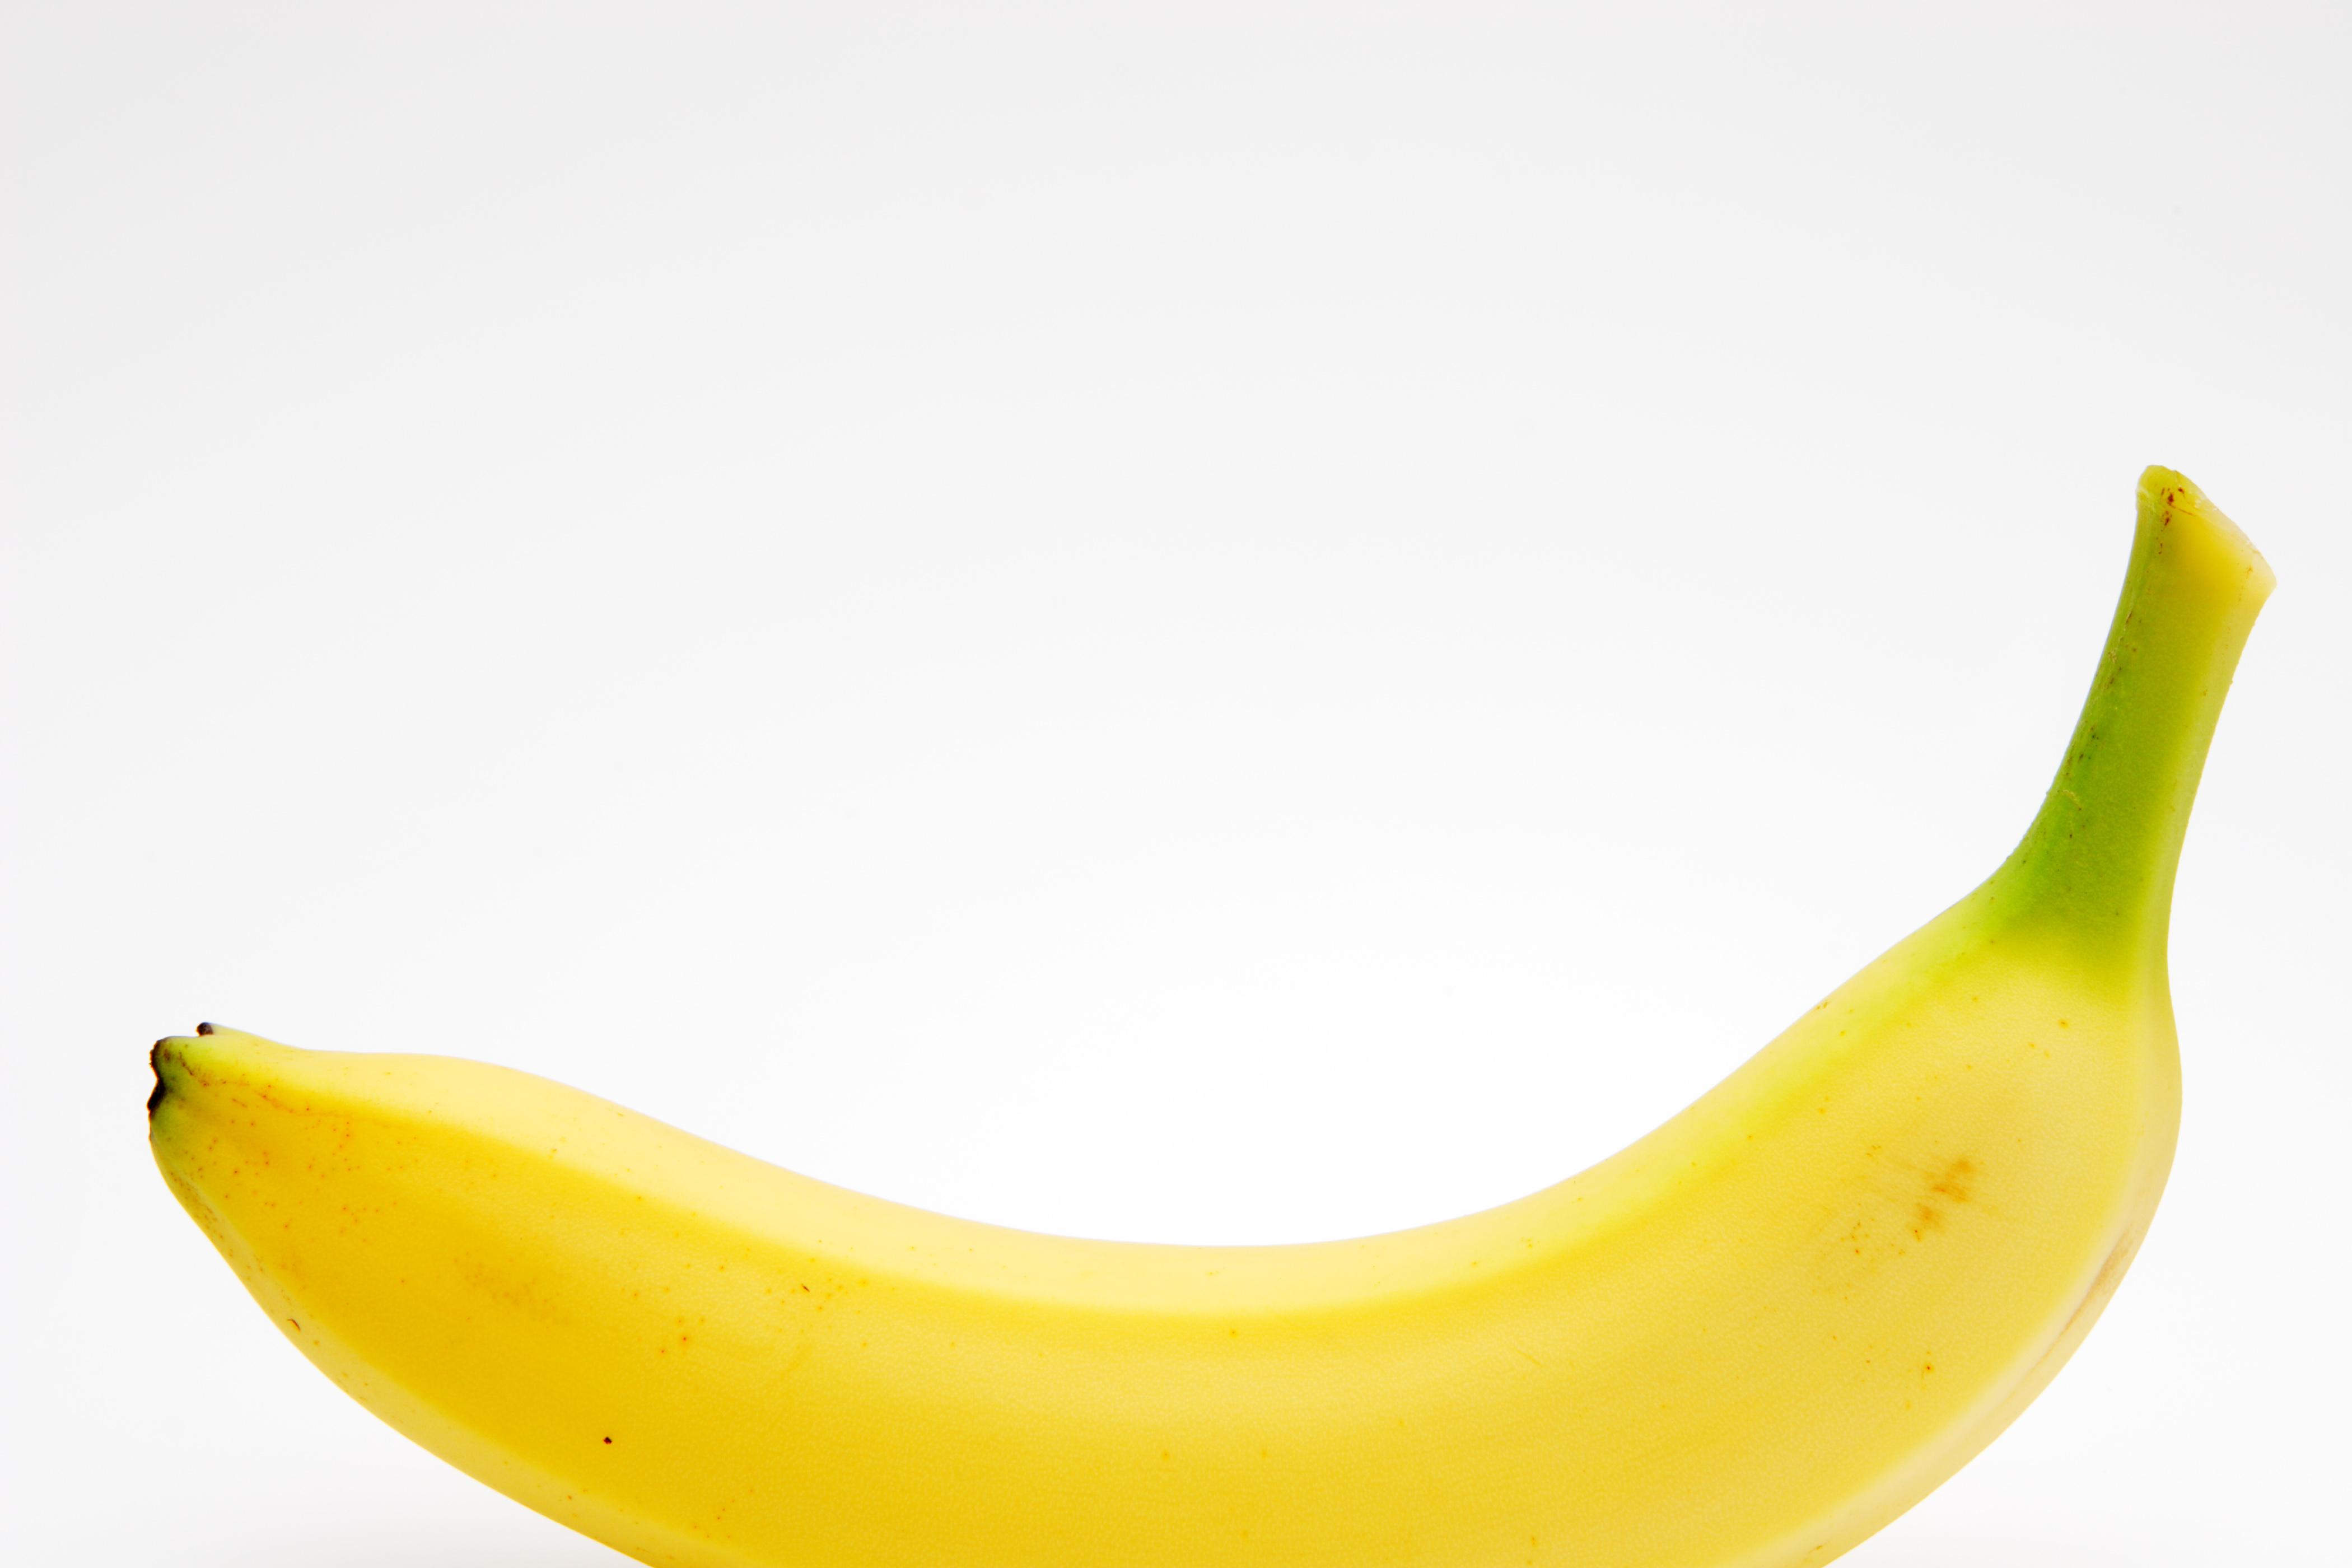 【2015/4/21~4/23】品川駅港南口で、毎朝バナナを配ります   kintone ...